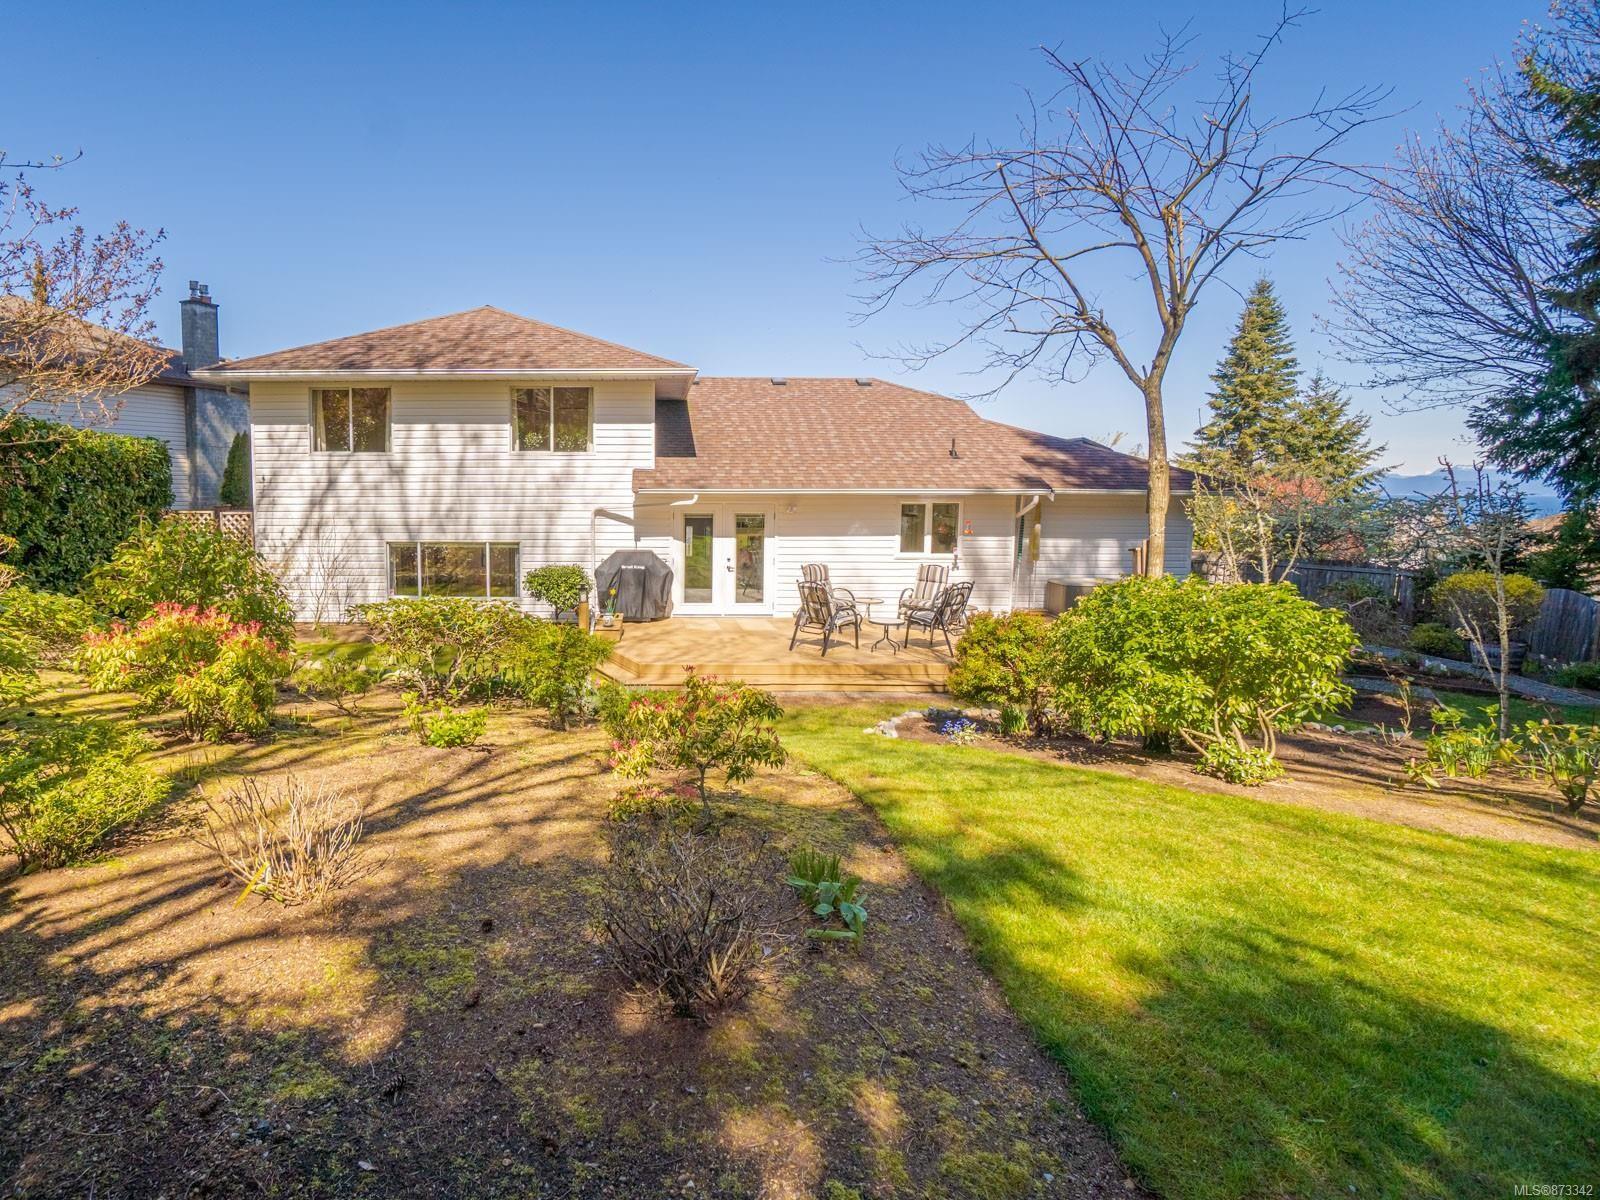 Photo 60: Photos: 5294 Catalina Dr in : Na North Nanaimo House for sale (Nanaimo)  : MLS®# 873342